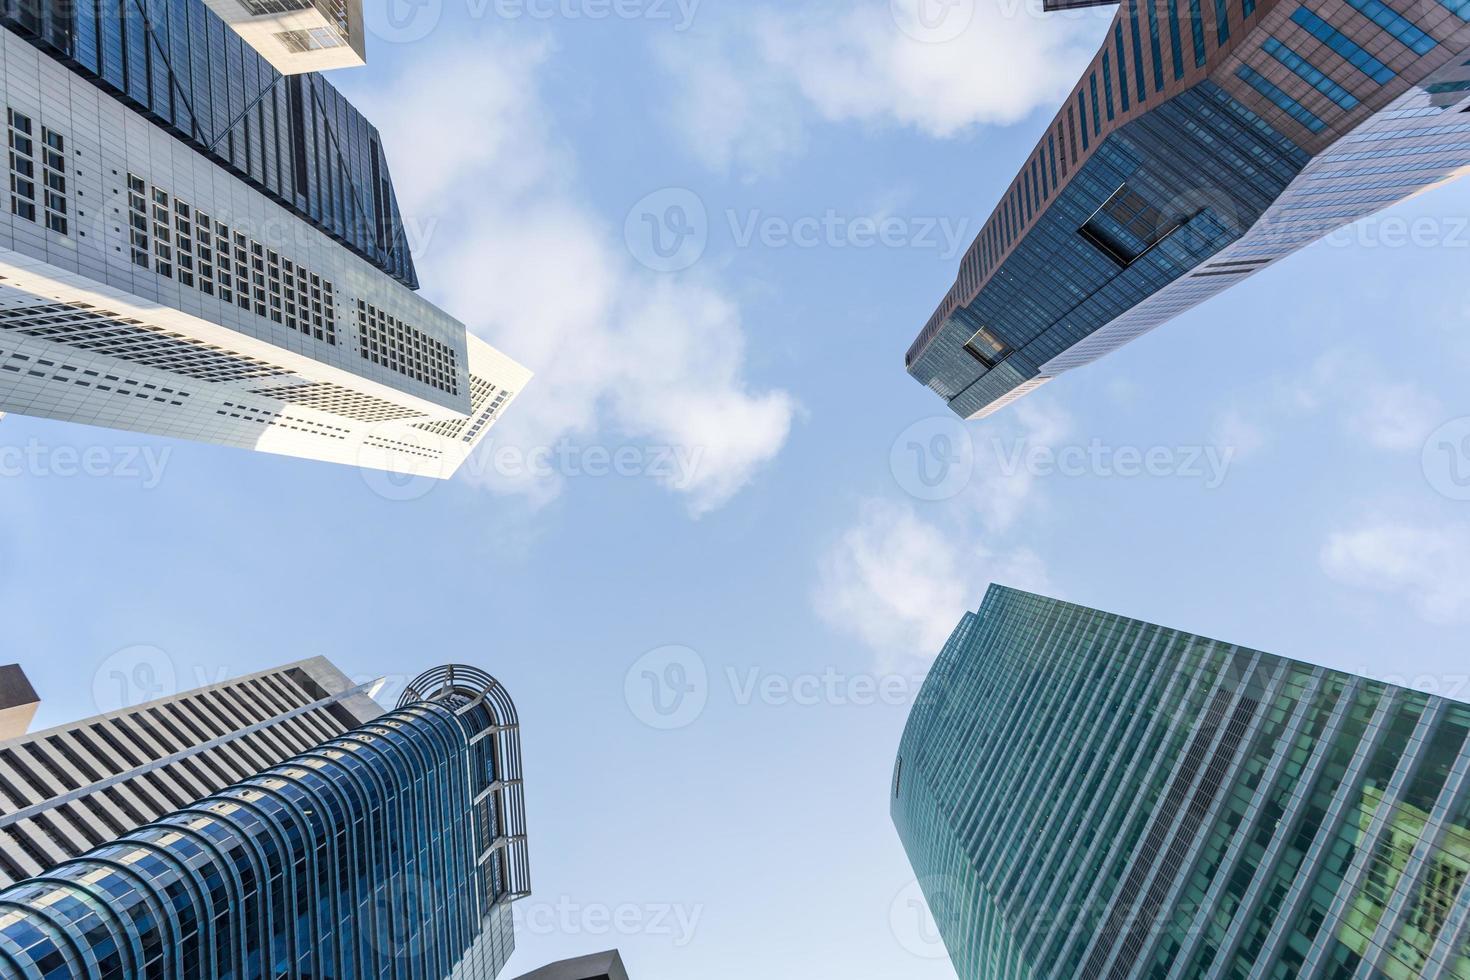 Singapore skyscraper photo